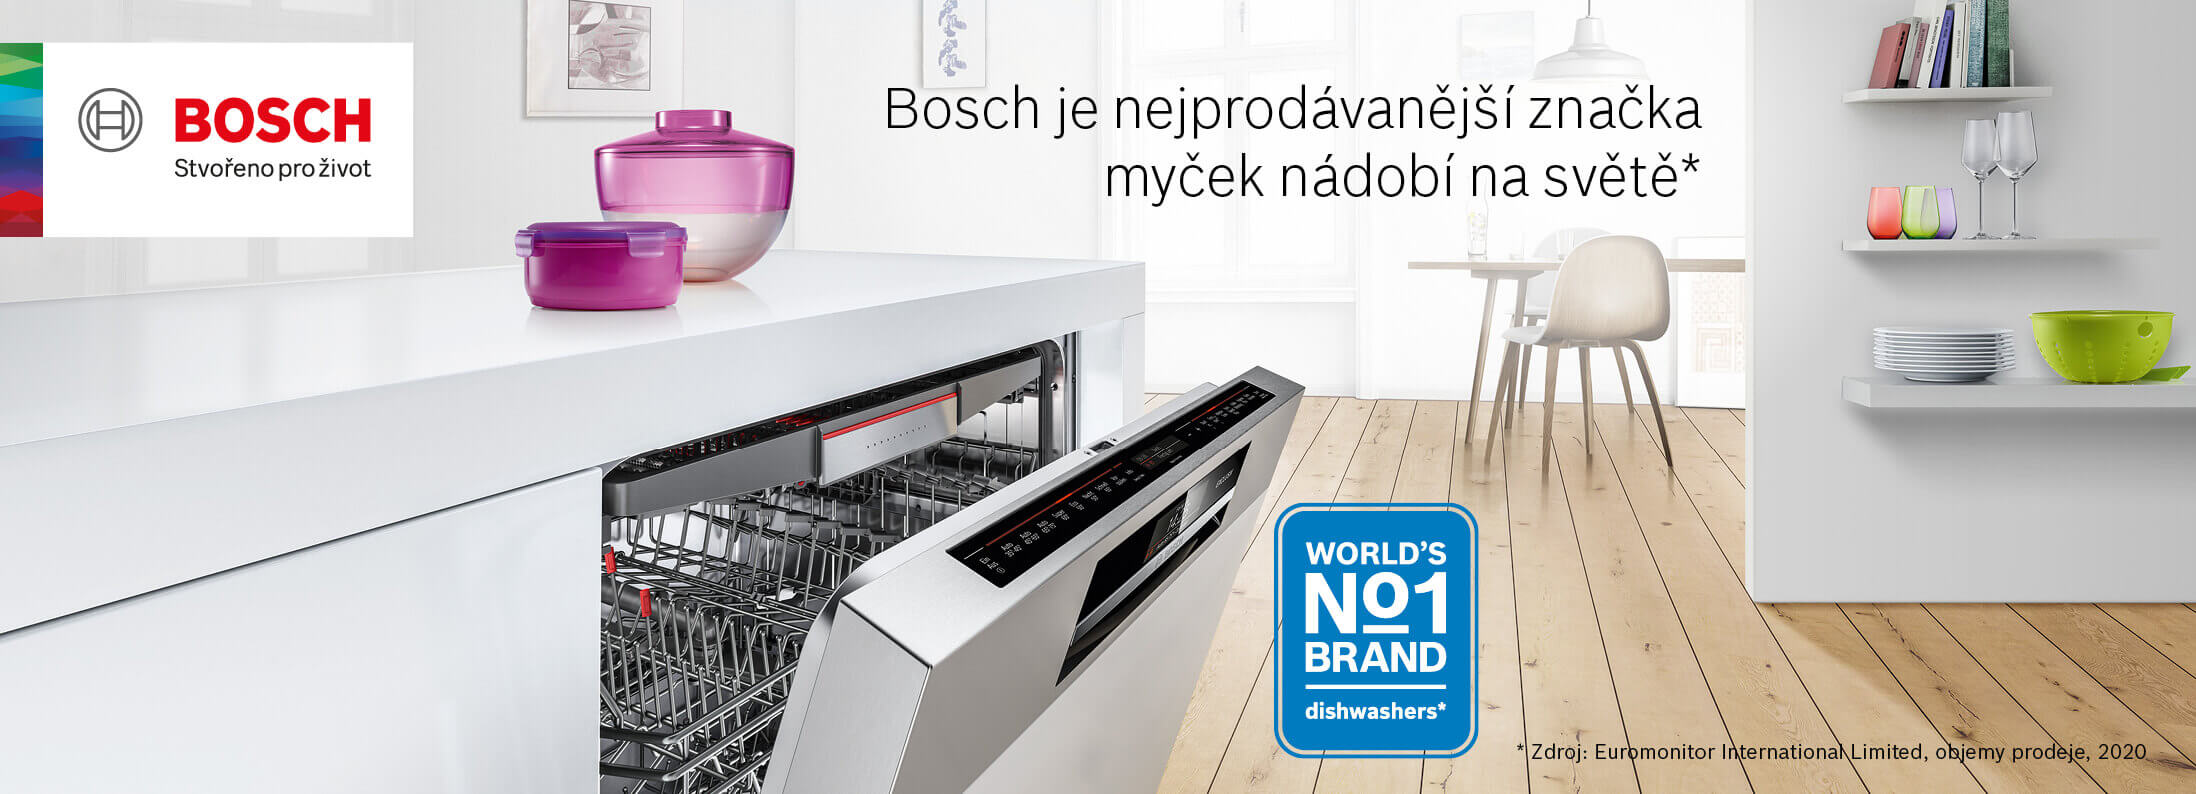 Bosch - Nejprodávanější značka myček nádobí na světě